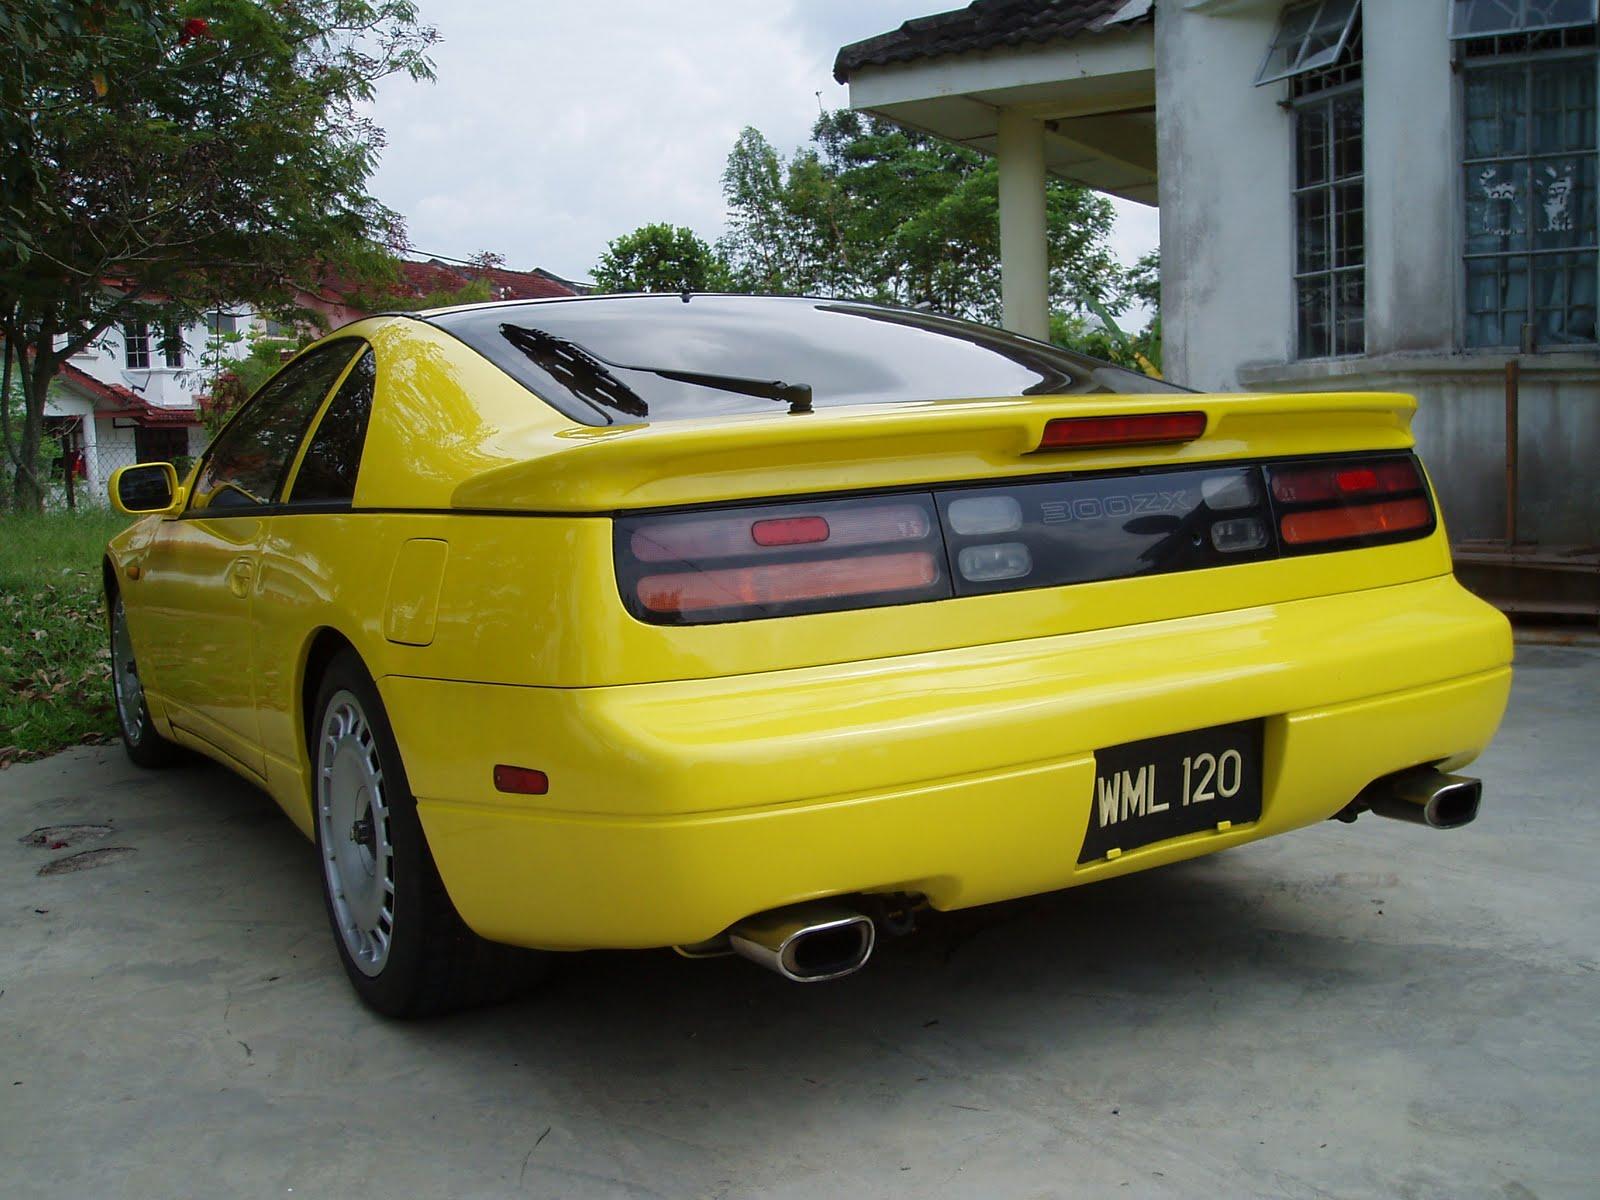 Nissan FAIRLADY Z Yellow HD Wallpaper get it now! - nissan fairlady z yellow wallpapers